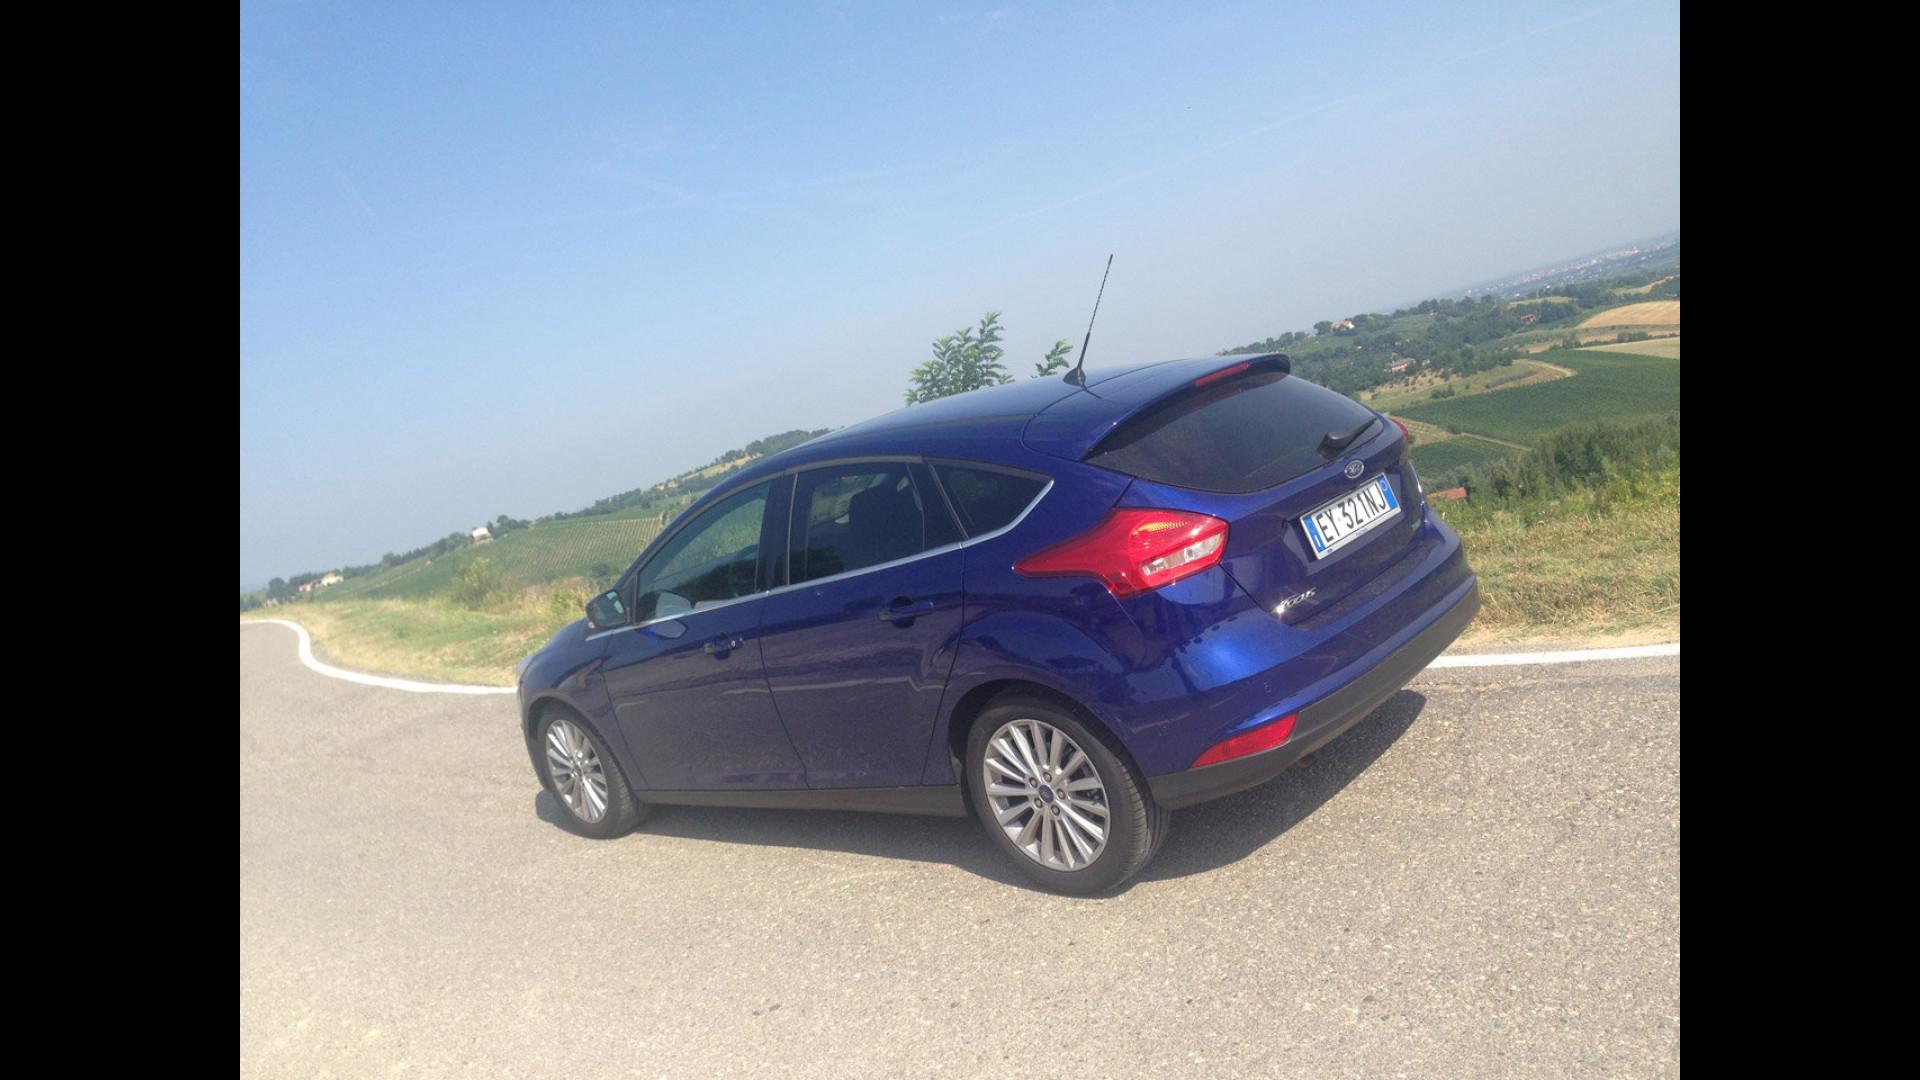 Ford Focus 1 0 Ecoboost La Prova Dei Consumi Reali